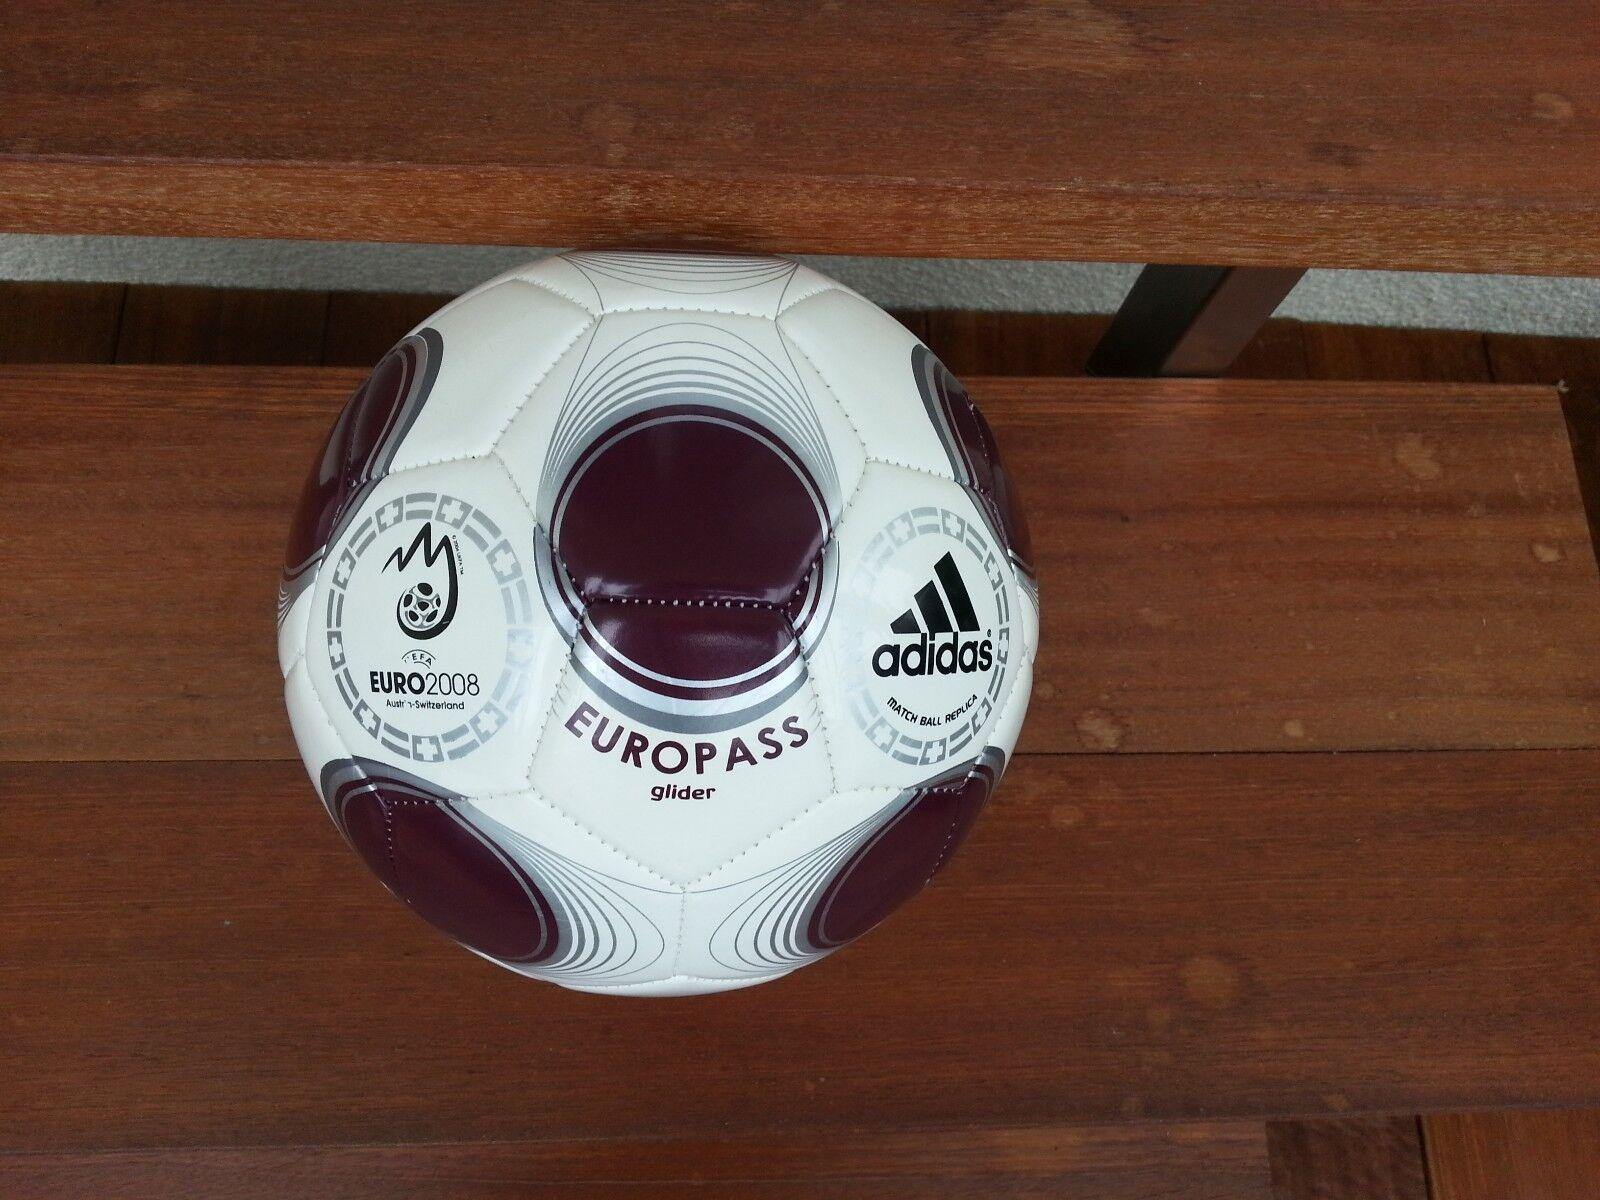 Original Original Original Adidas EUROPASS glider Match Ball Replica Euro 2008 neu Größe 5 b9fdf8